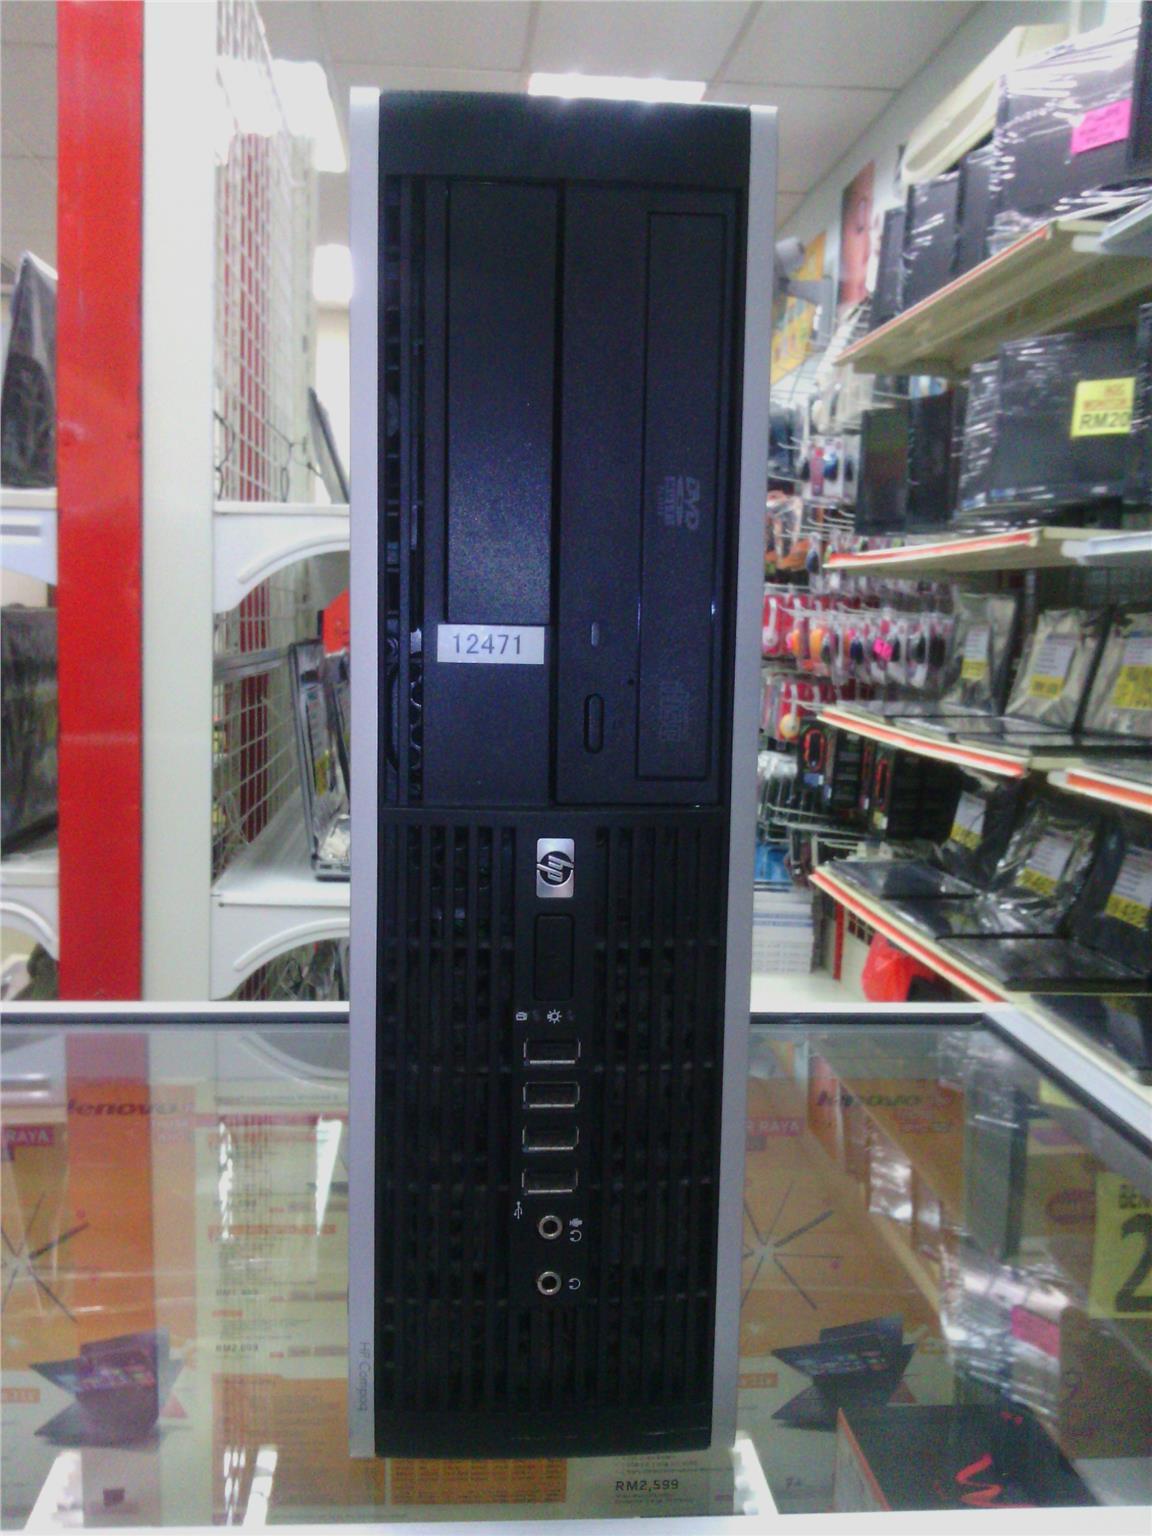 Hp Compaq 8000 Elite Sff Intel Core 2 End 8 4 2017 5 15 Pm